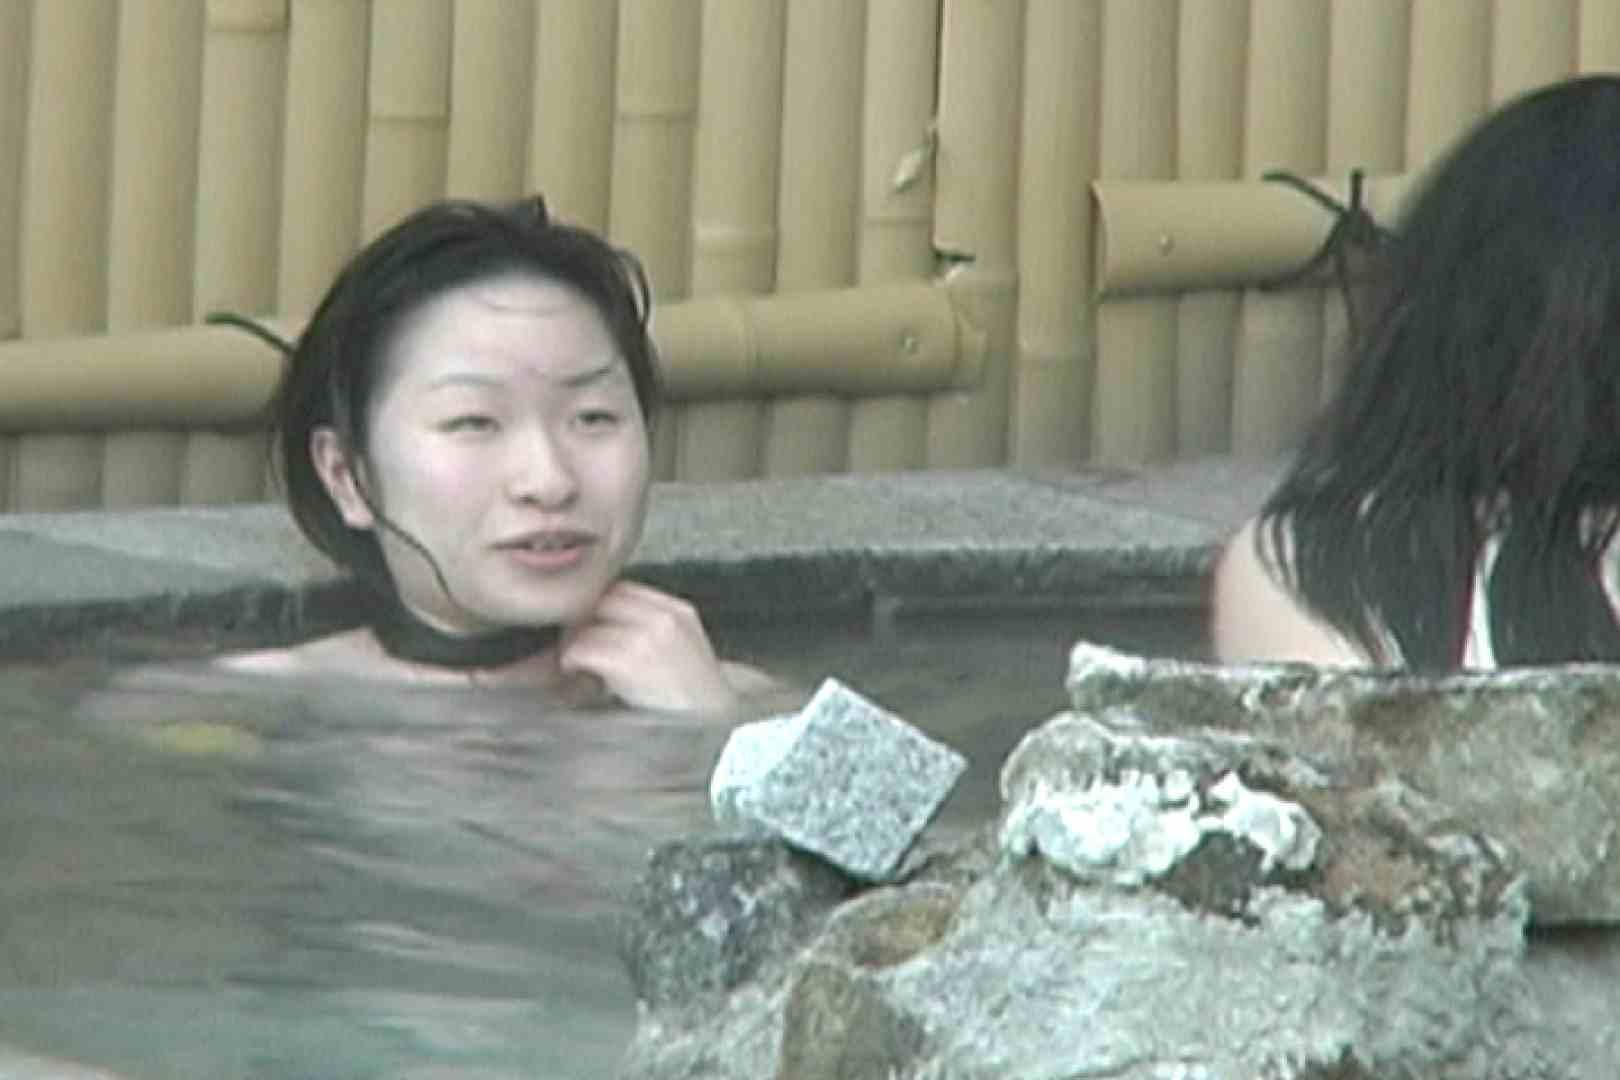 Aquaな露天風呂Vol.595 露天 | 盗撮  112枚 97